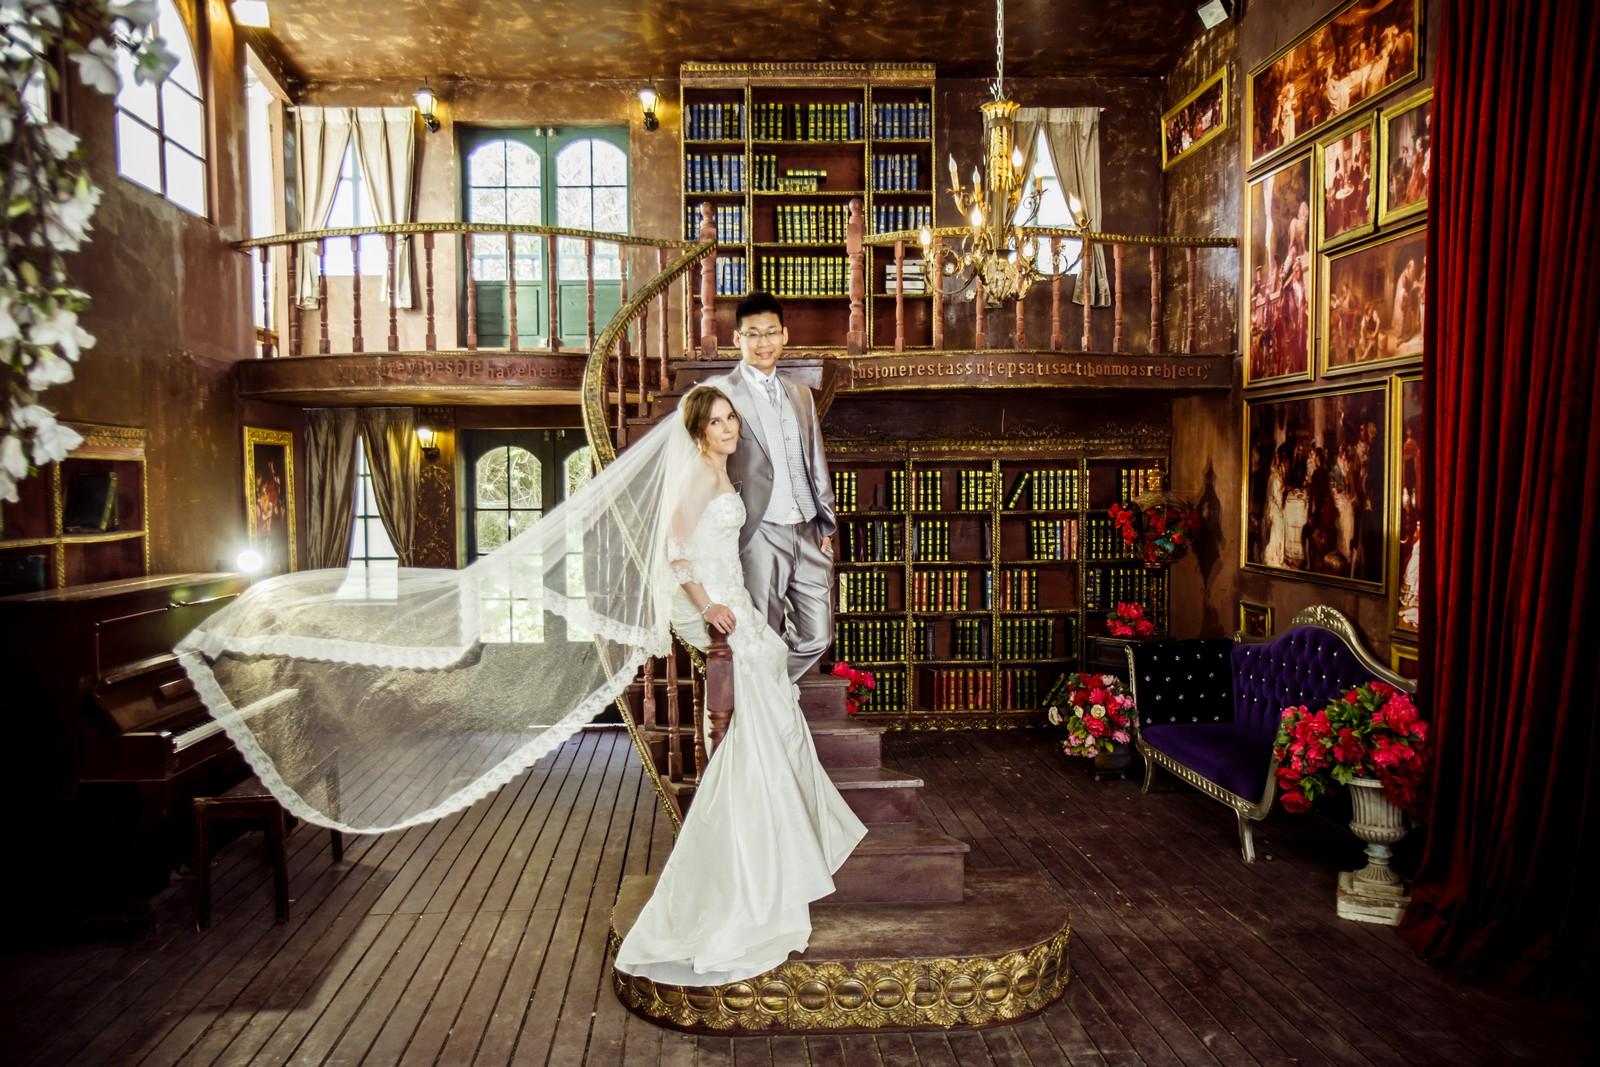 婚紗照,婚禮攝影,婚紗展,婚紗攝影